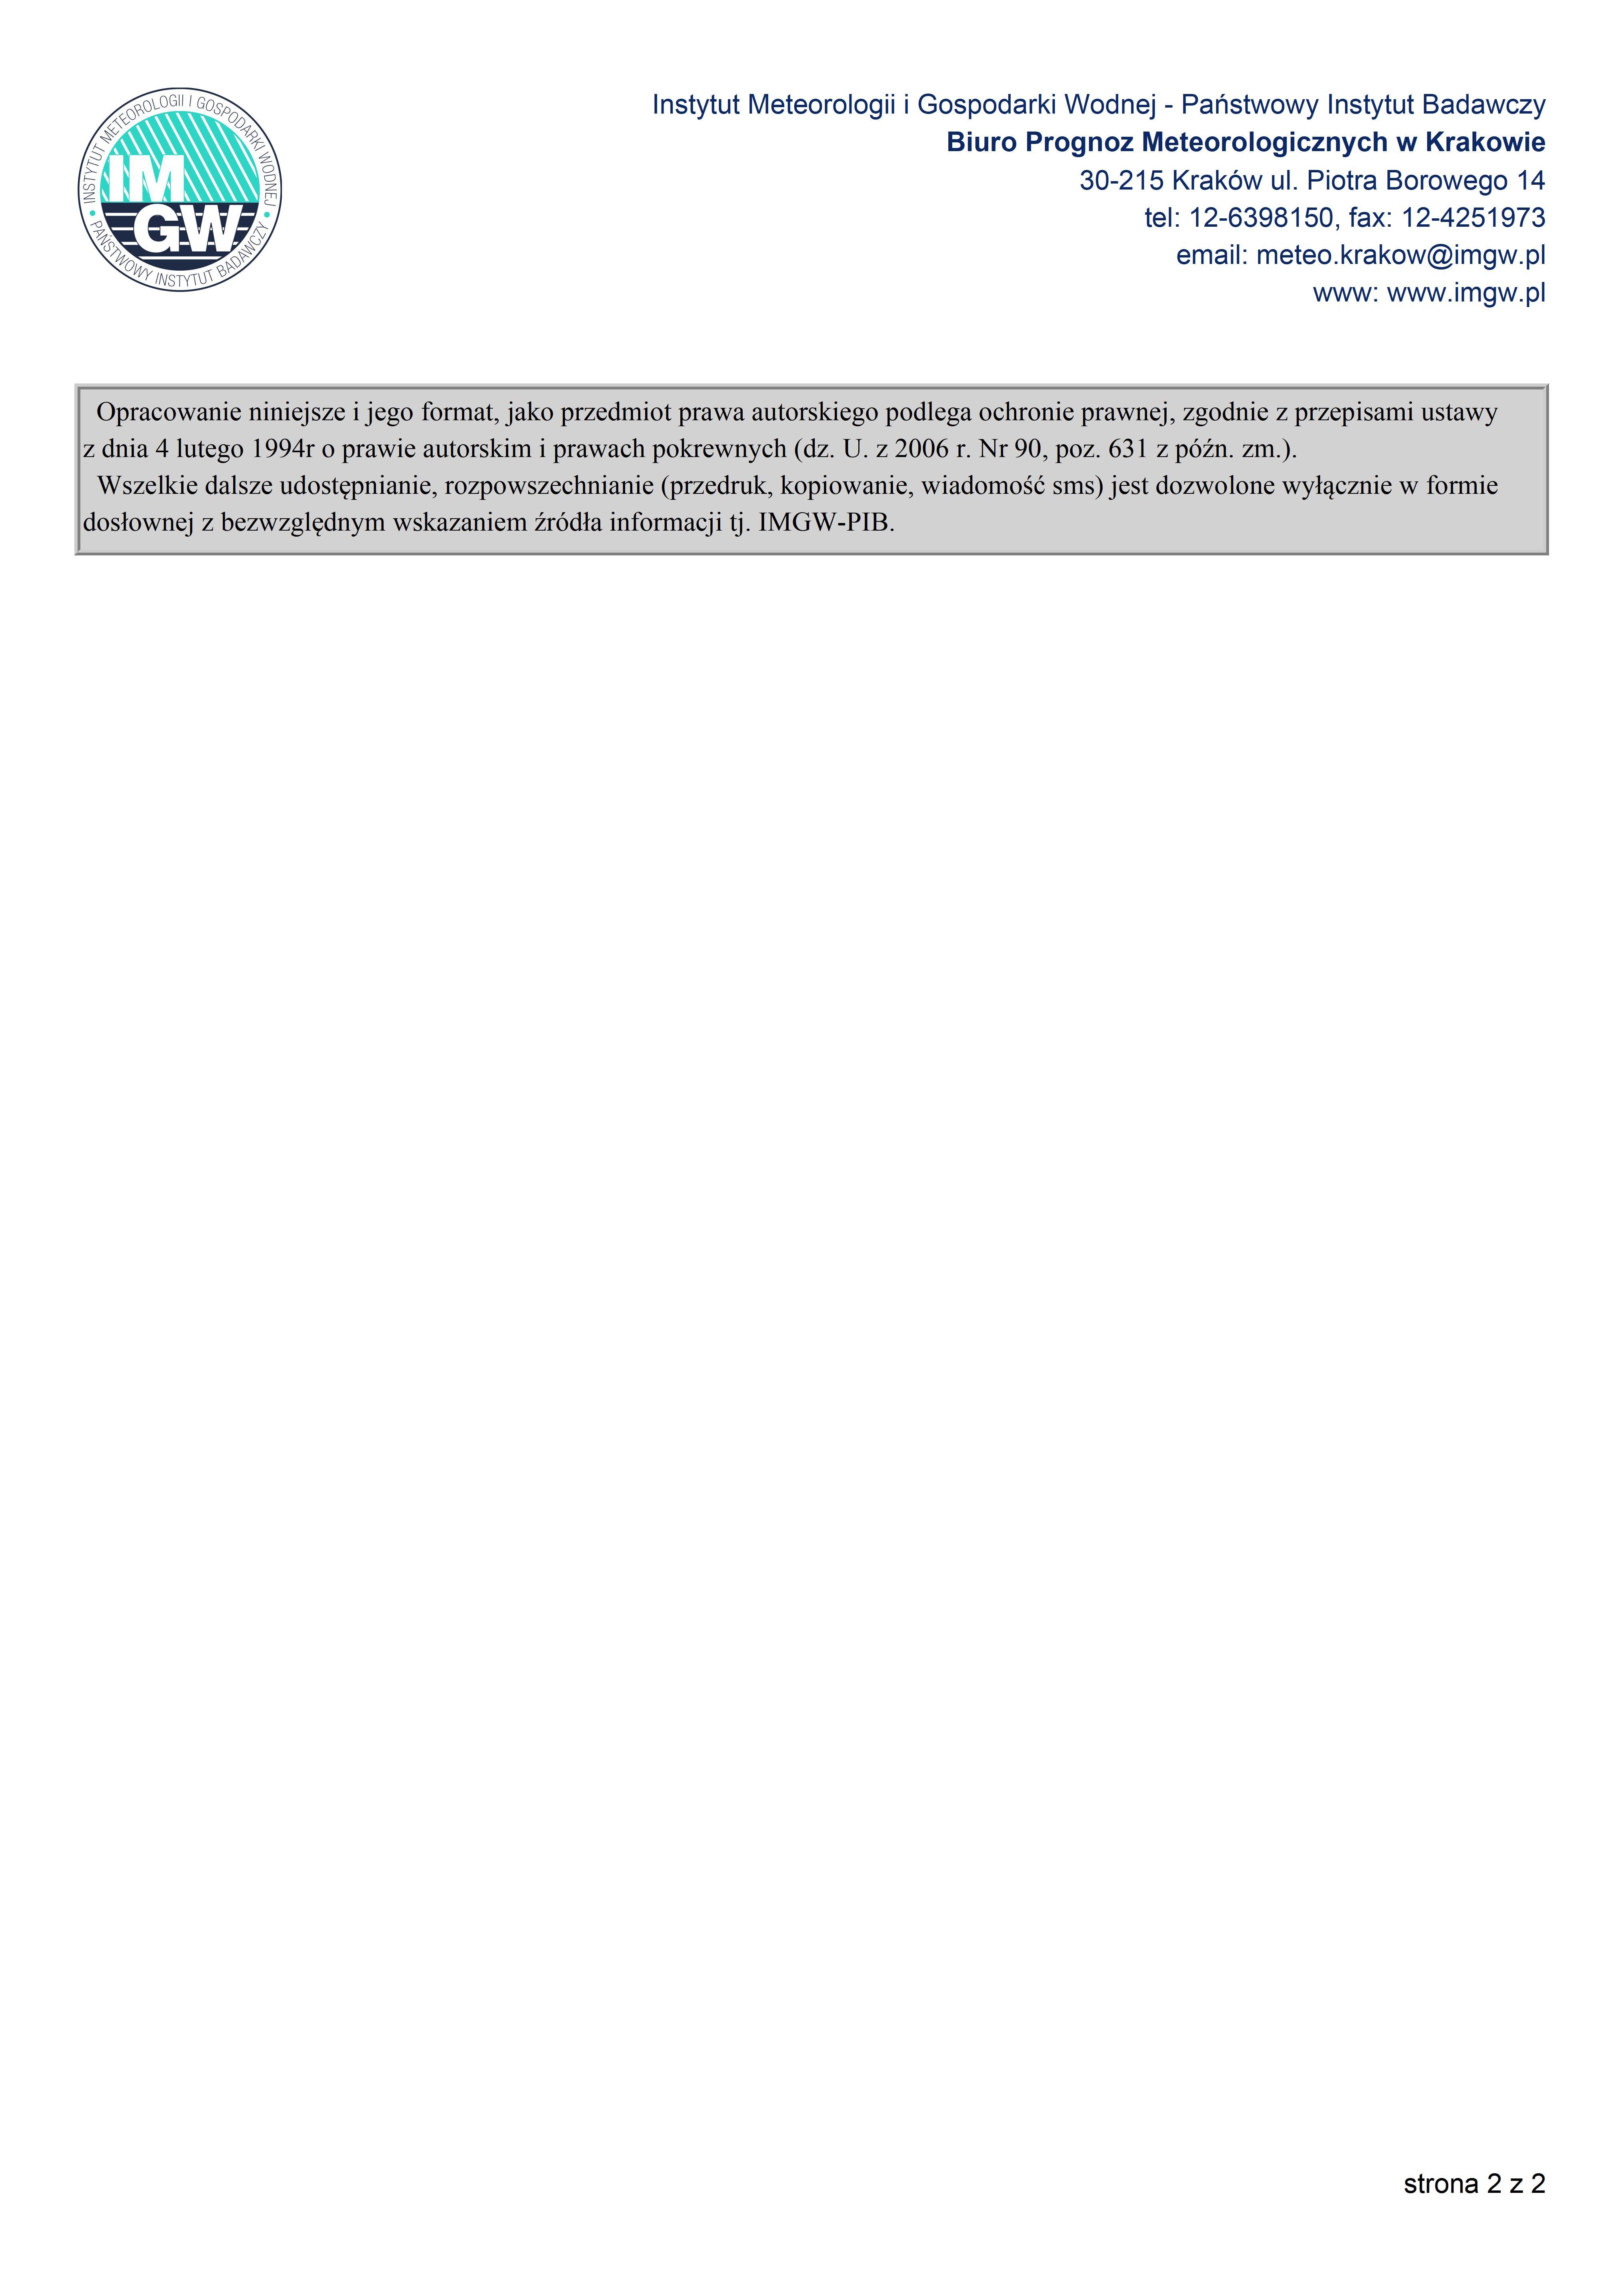 SKW_STAN_20200720045435170_1___0002.jpg